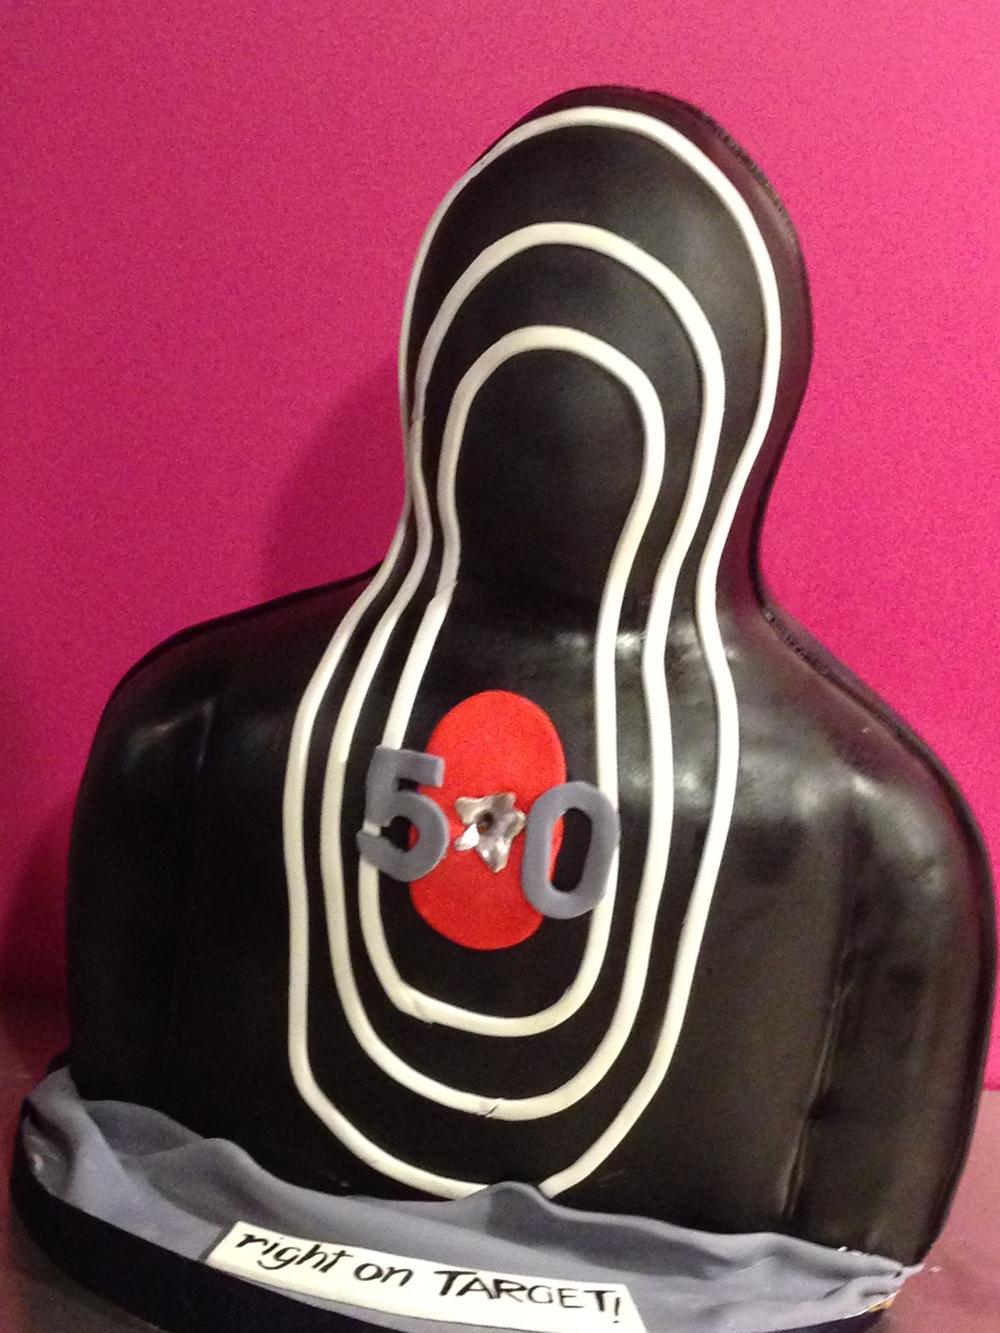 shooting target cake